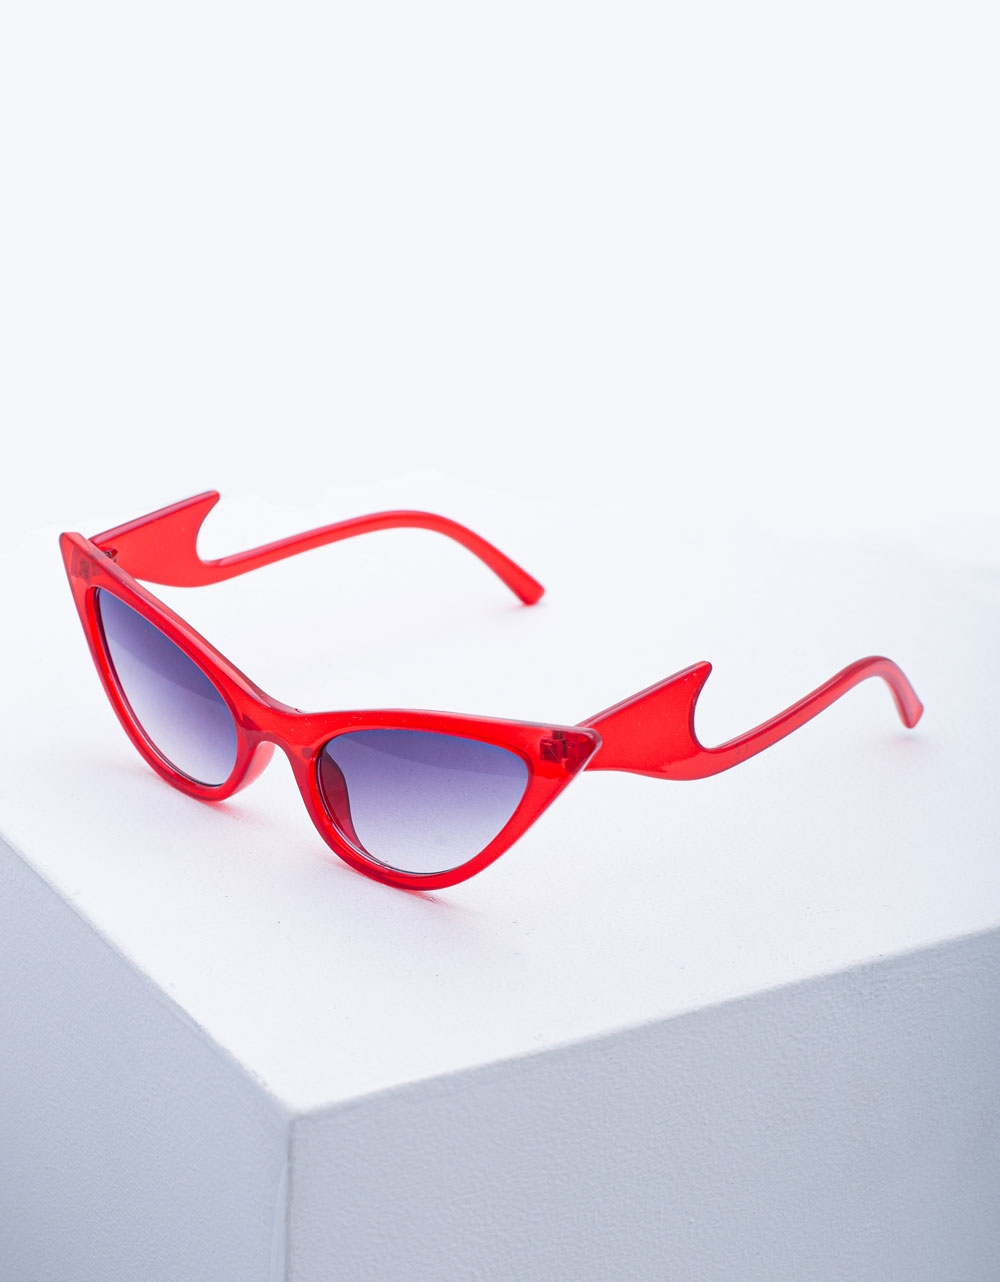 Εικόνα από Γυναικεία γυαλιά ηλίου με σχέδιο στο σκελετό Κόκκινο